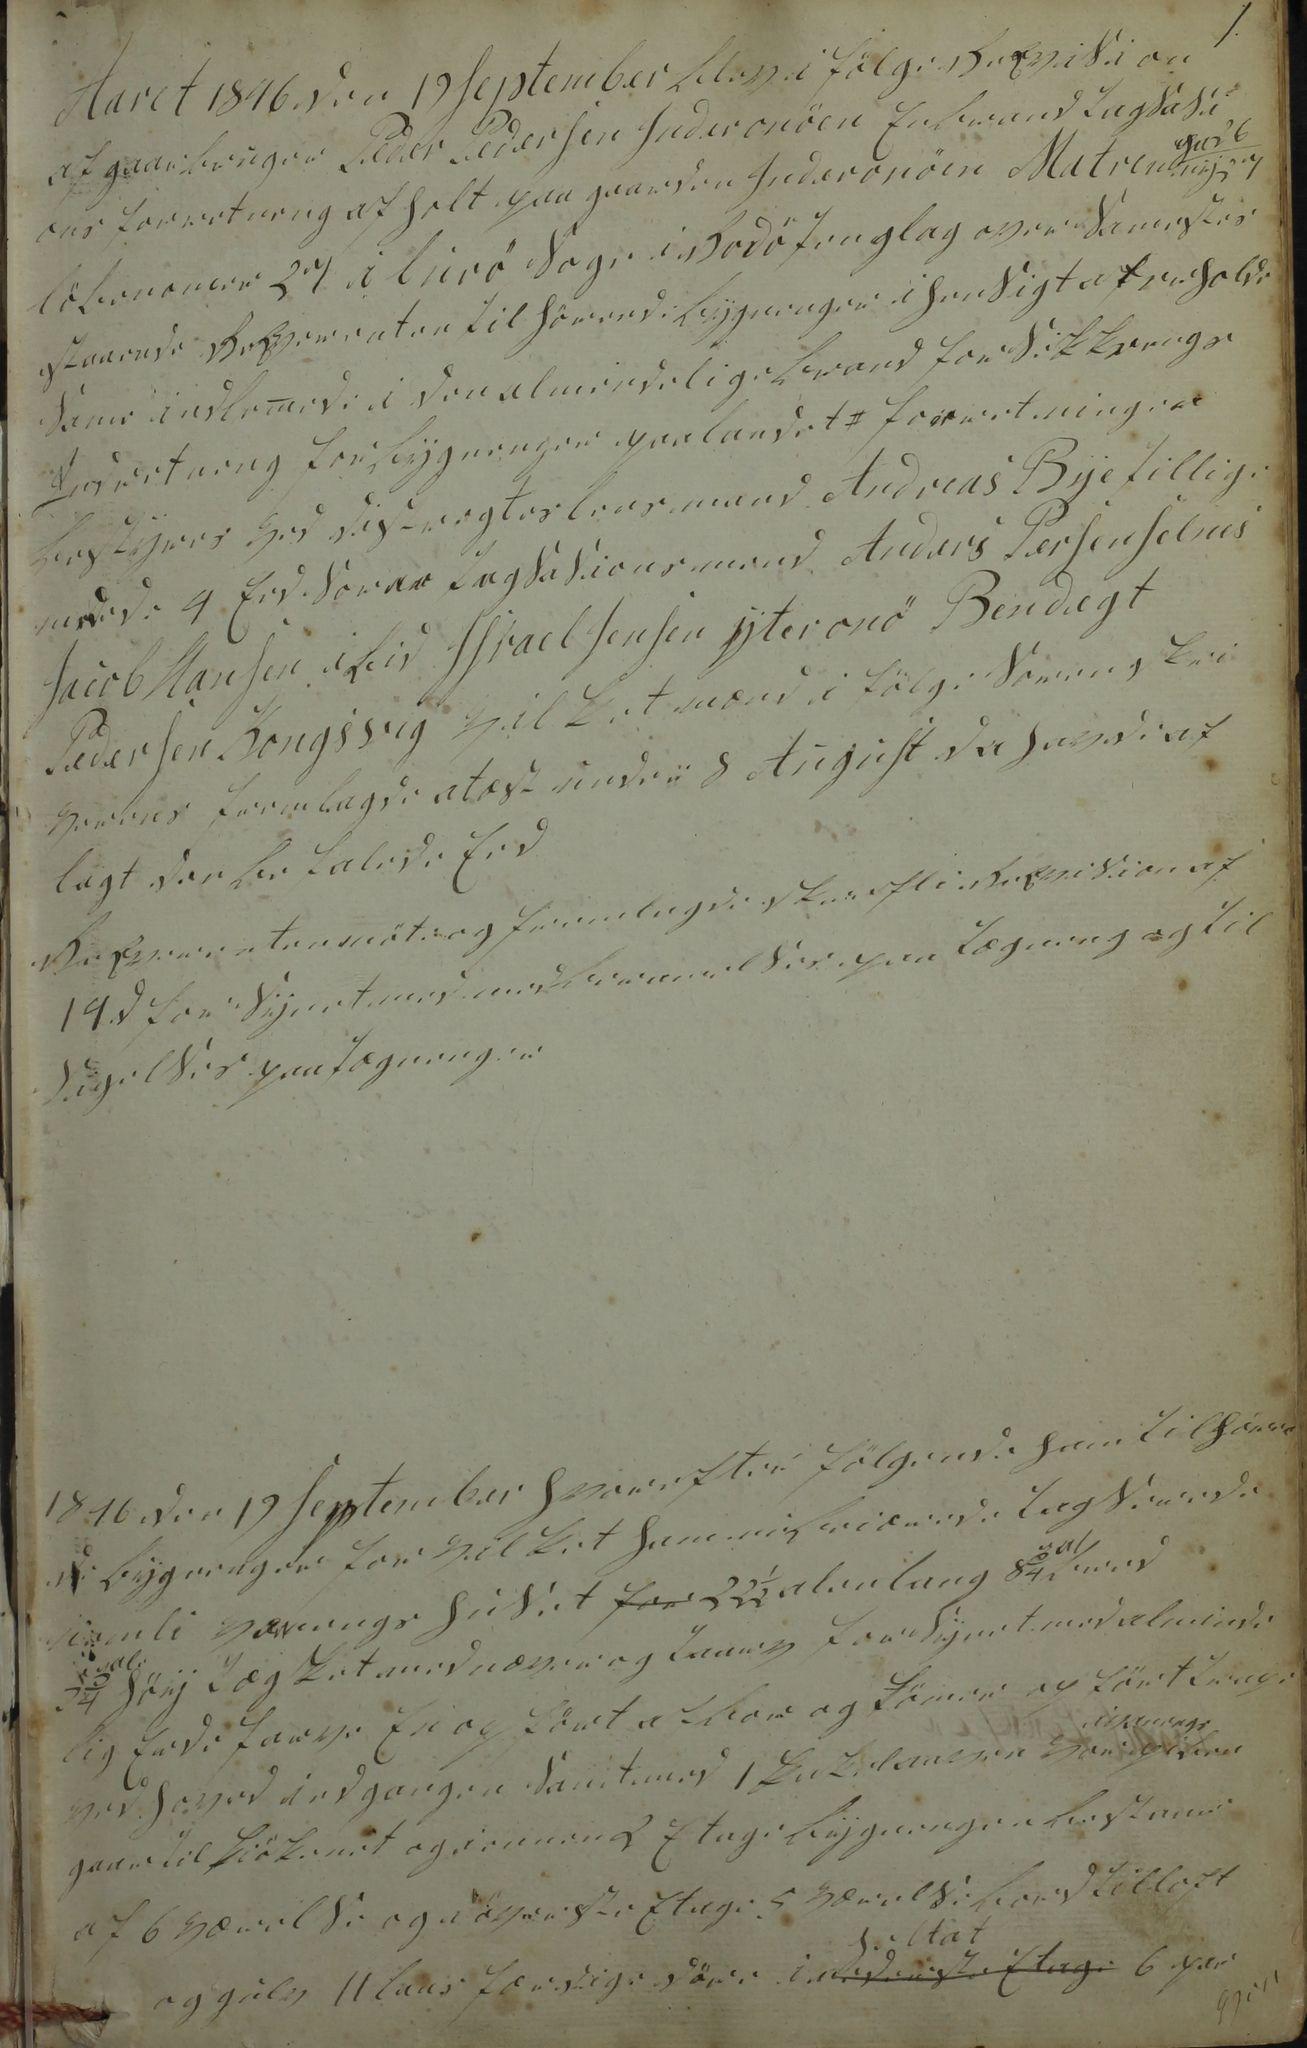 AIN, Lurøy kommune. Formannskapet, 100/L0001: Møtebok, 1836-1898, s. 1